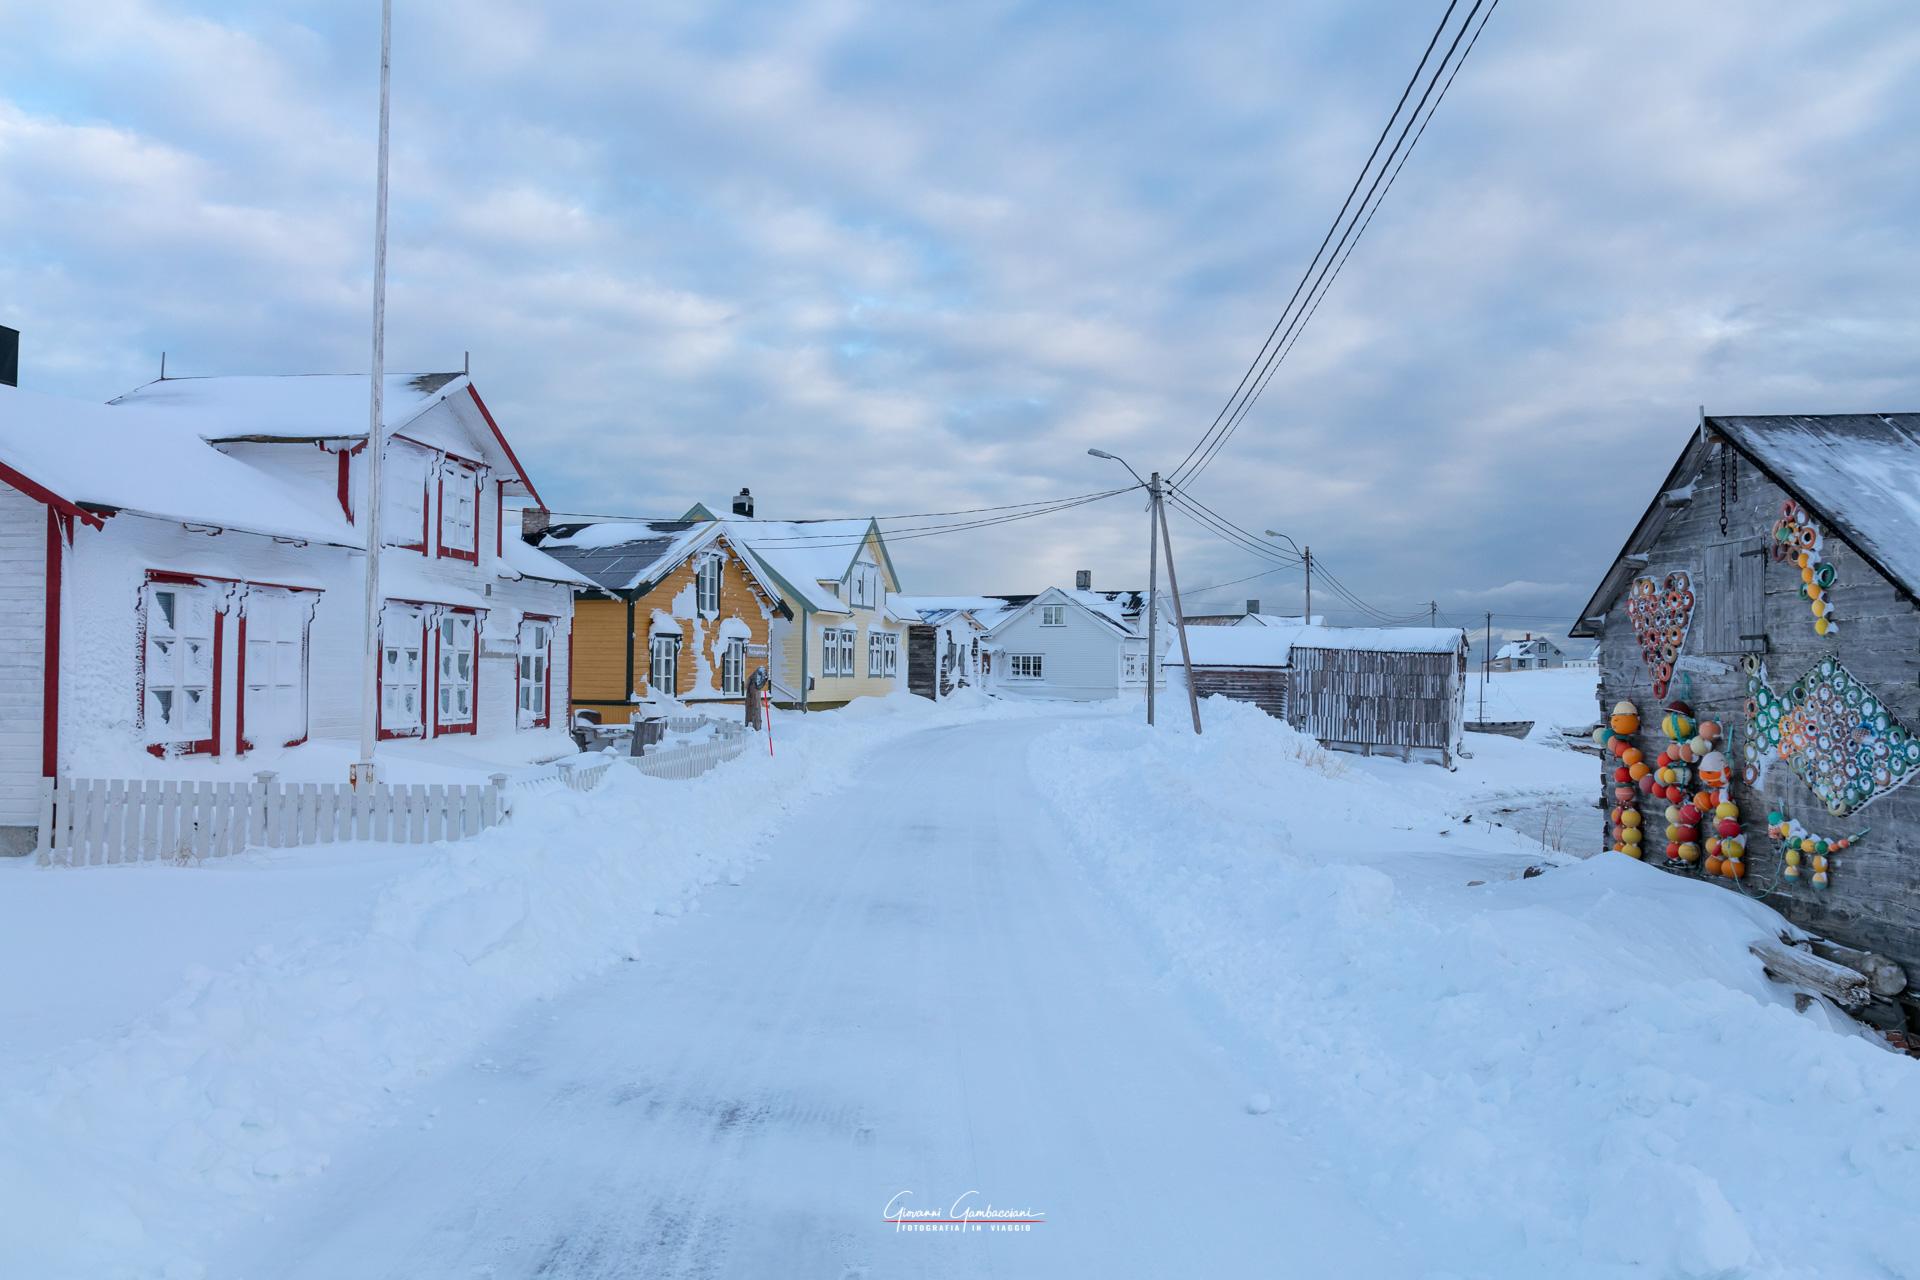 2019-02-18_Gambacciani-Lapponia-Norvegia-Finnmark-Viaggio-Febbraio-2019_0115_264A0308